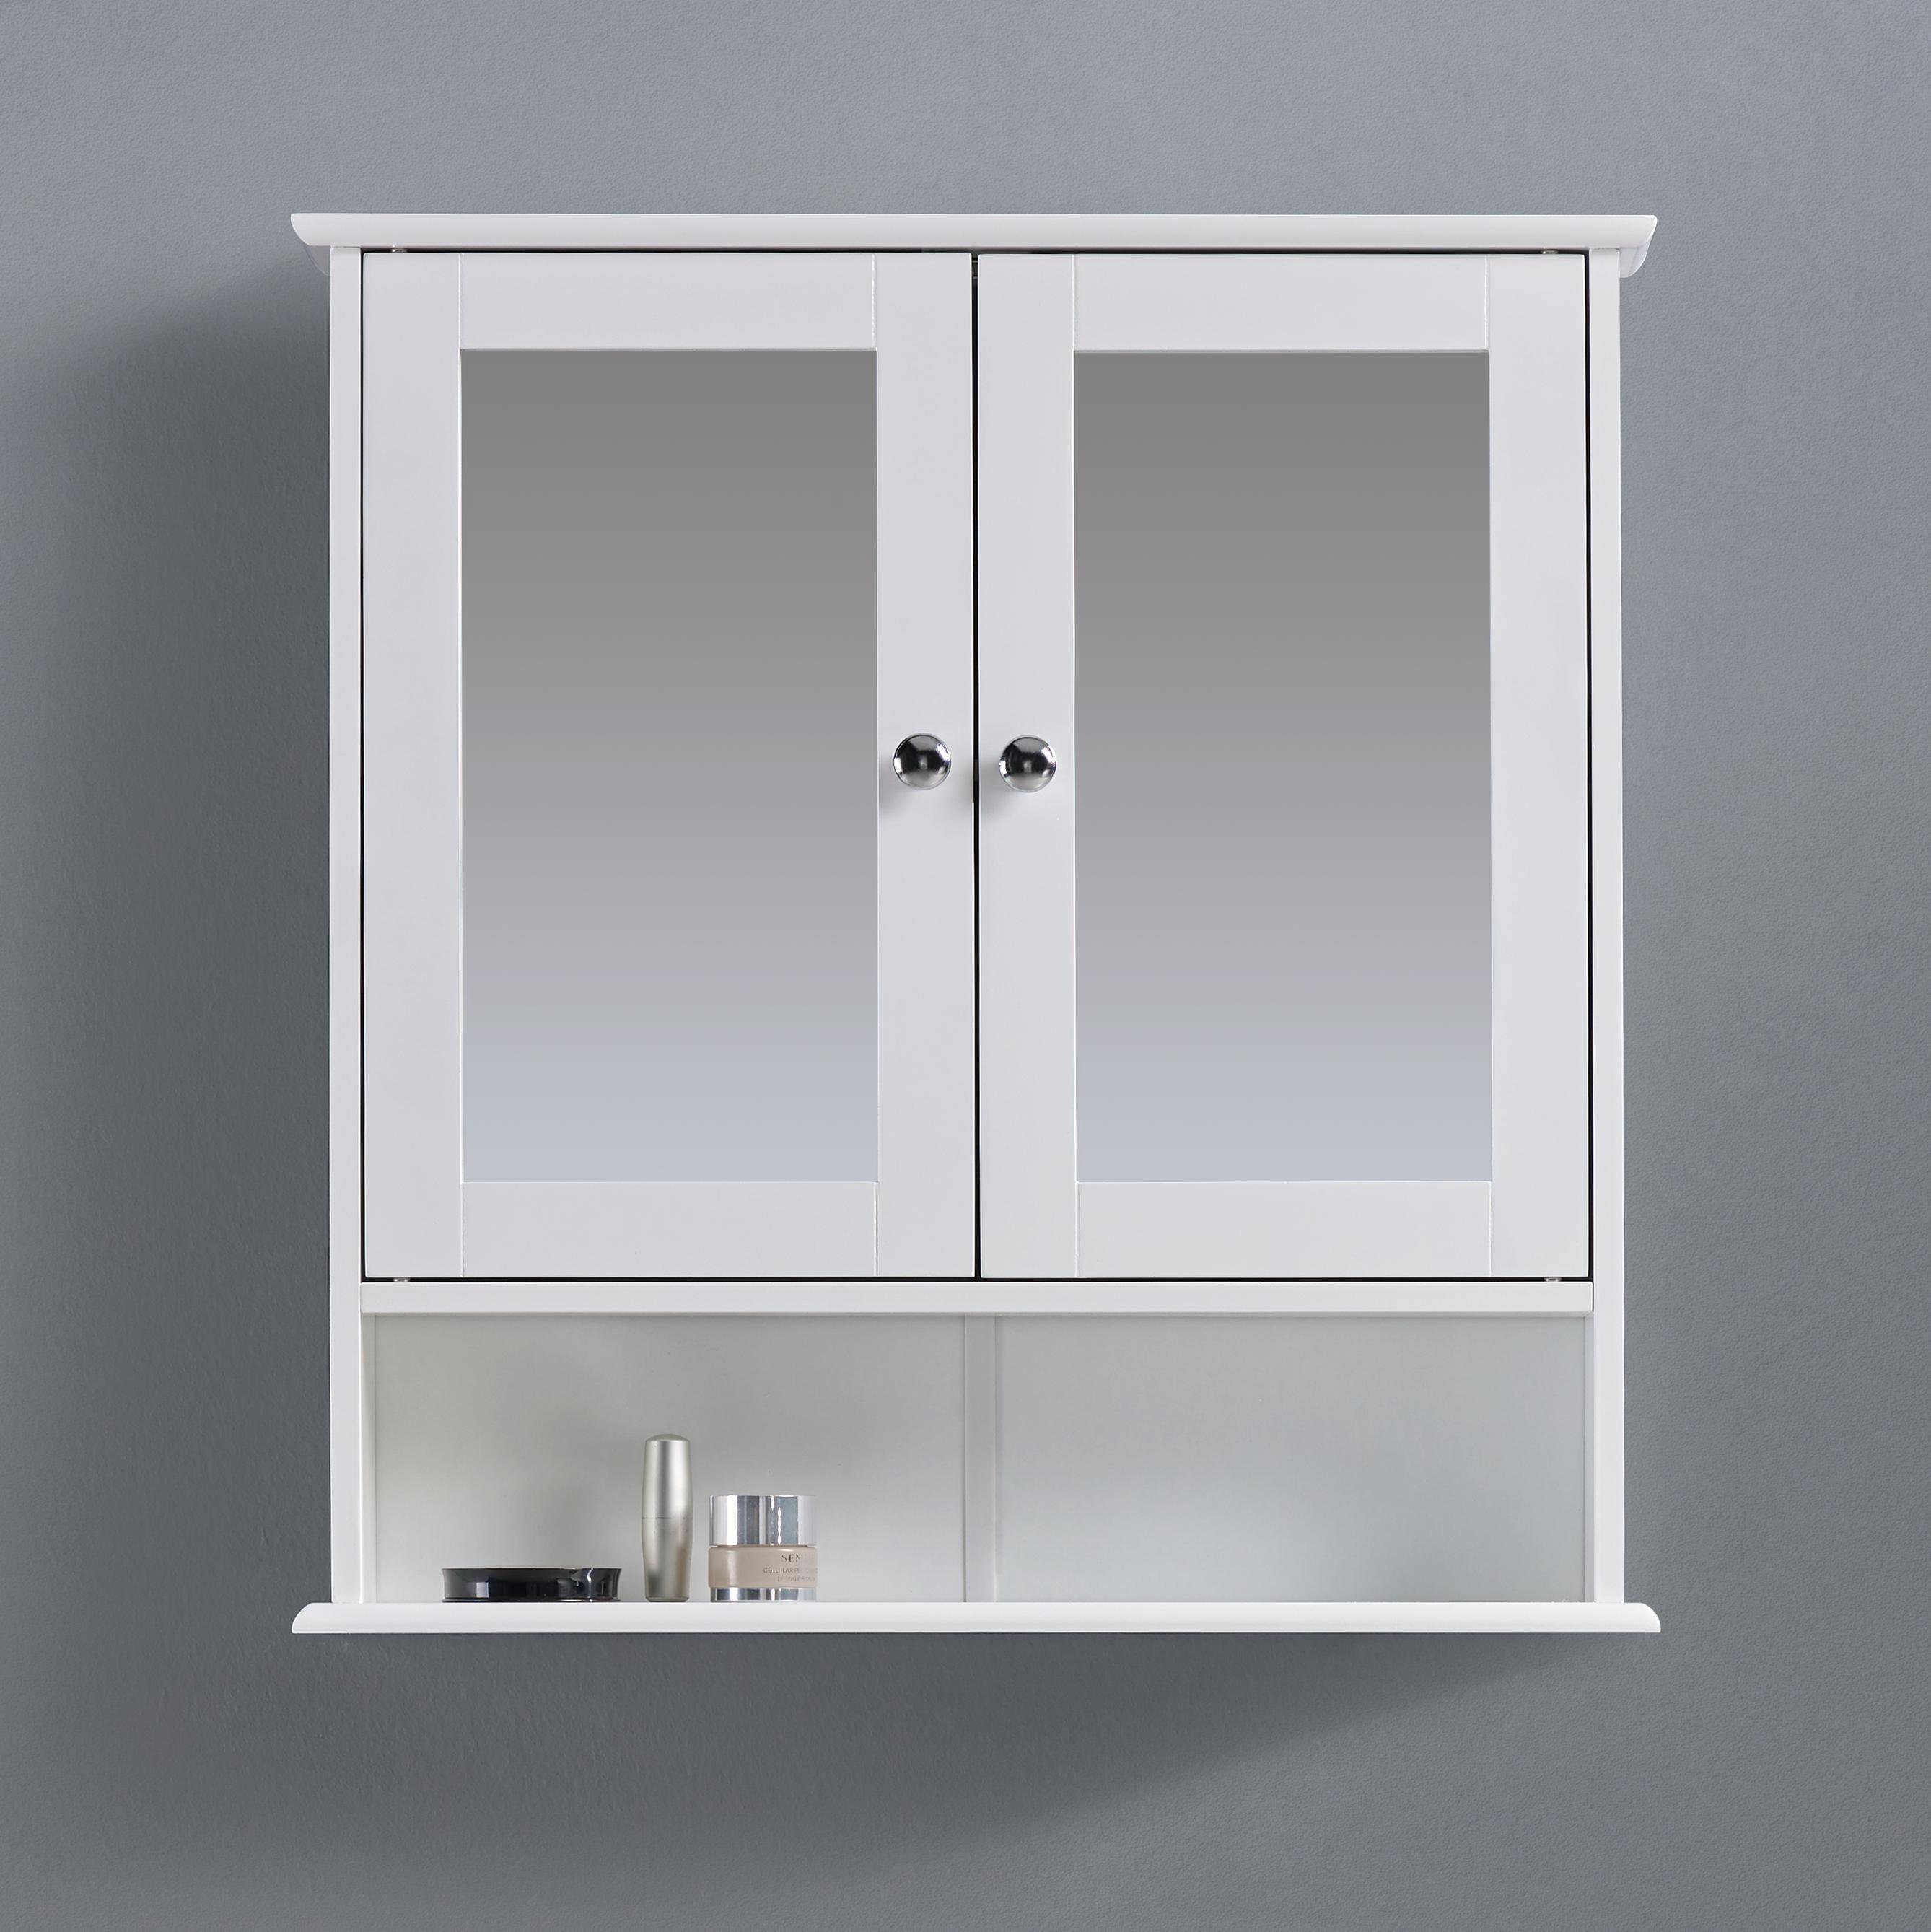 Spiegelschrank Bianca - Weiß, MODERN, Glas/Holz (56/58/13cm) - MÖMAX modern living